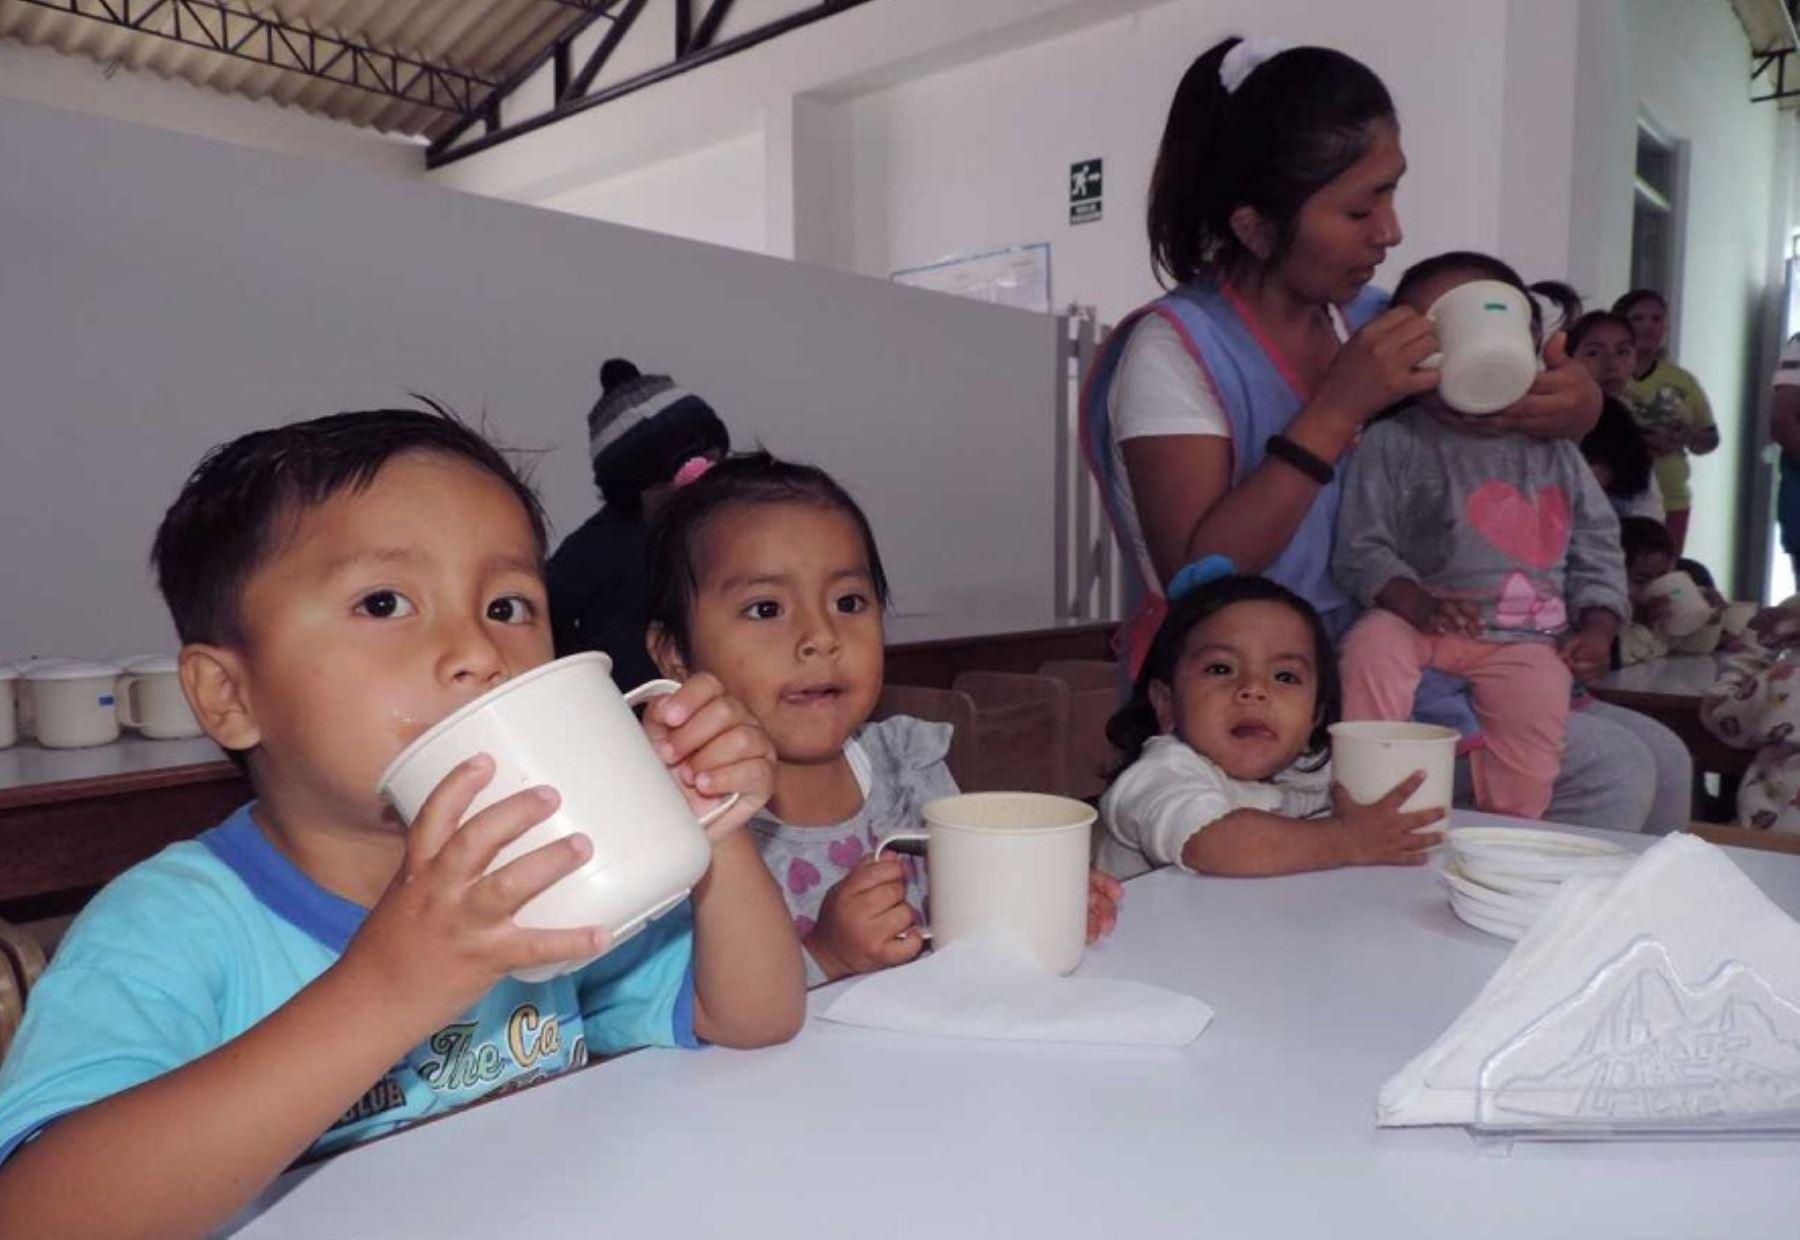 Los gobiernos locales deberán adquirir y distribuir canastas con productos de primera necesidad para las familias vulnerables. Foto: ANDINA/Difusión